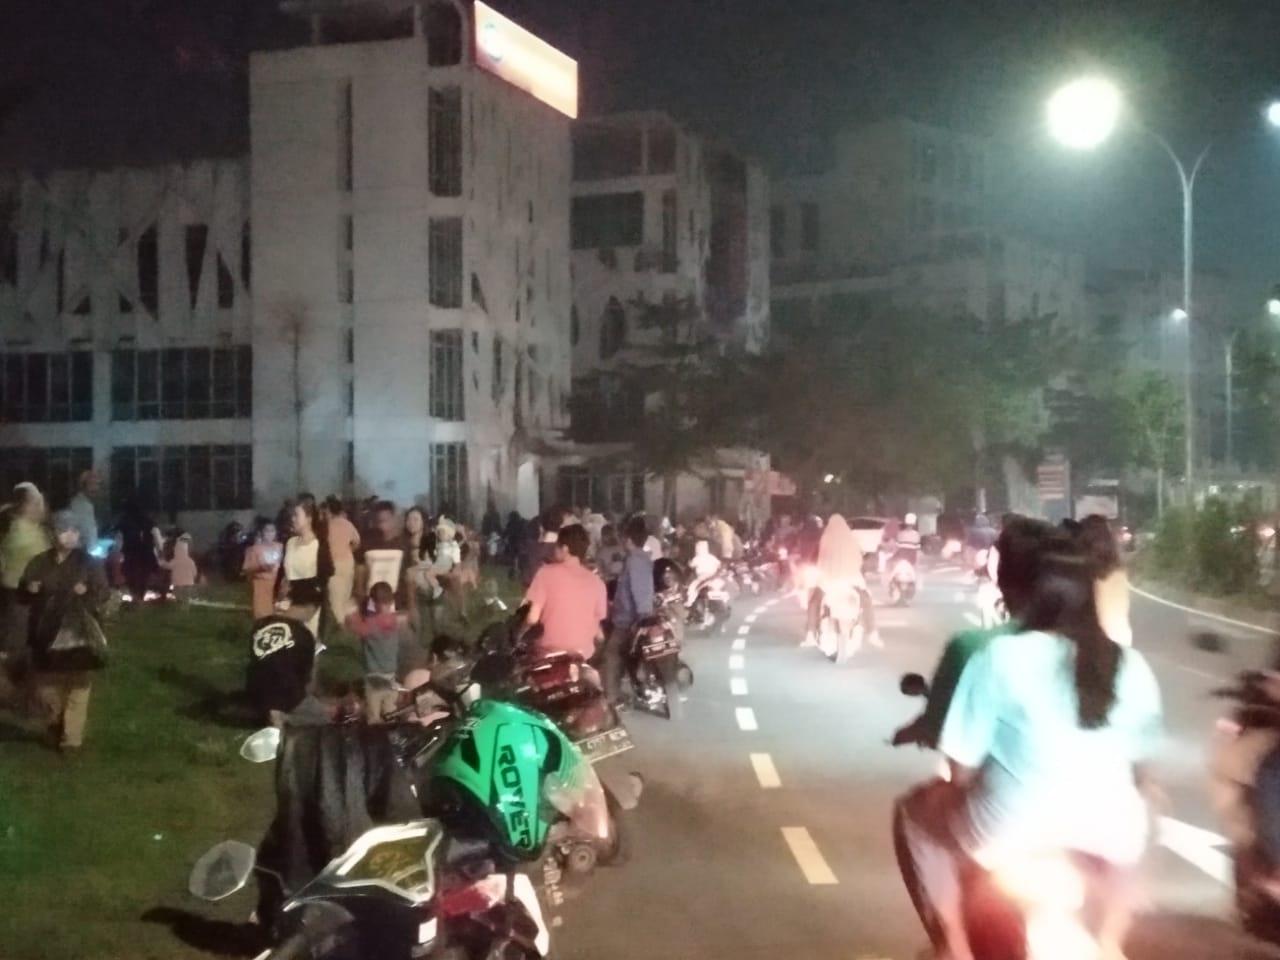 Tamapak suasana masyarakat konvoi merayakan takbiran di sekitar kawasan perumahan Citra Raya, Panongan.